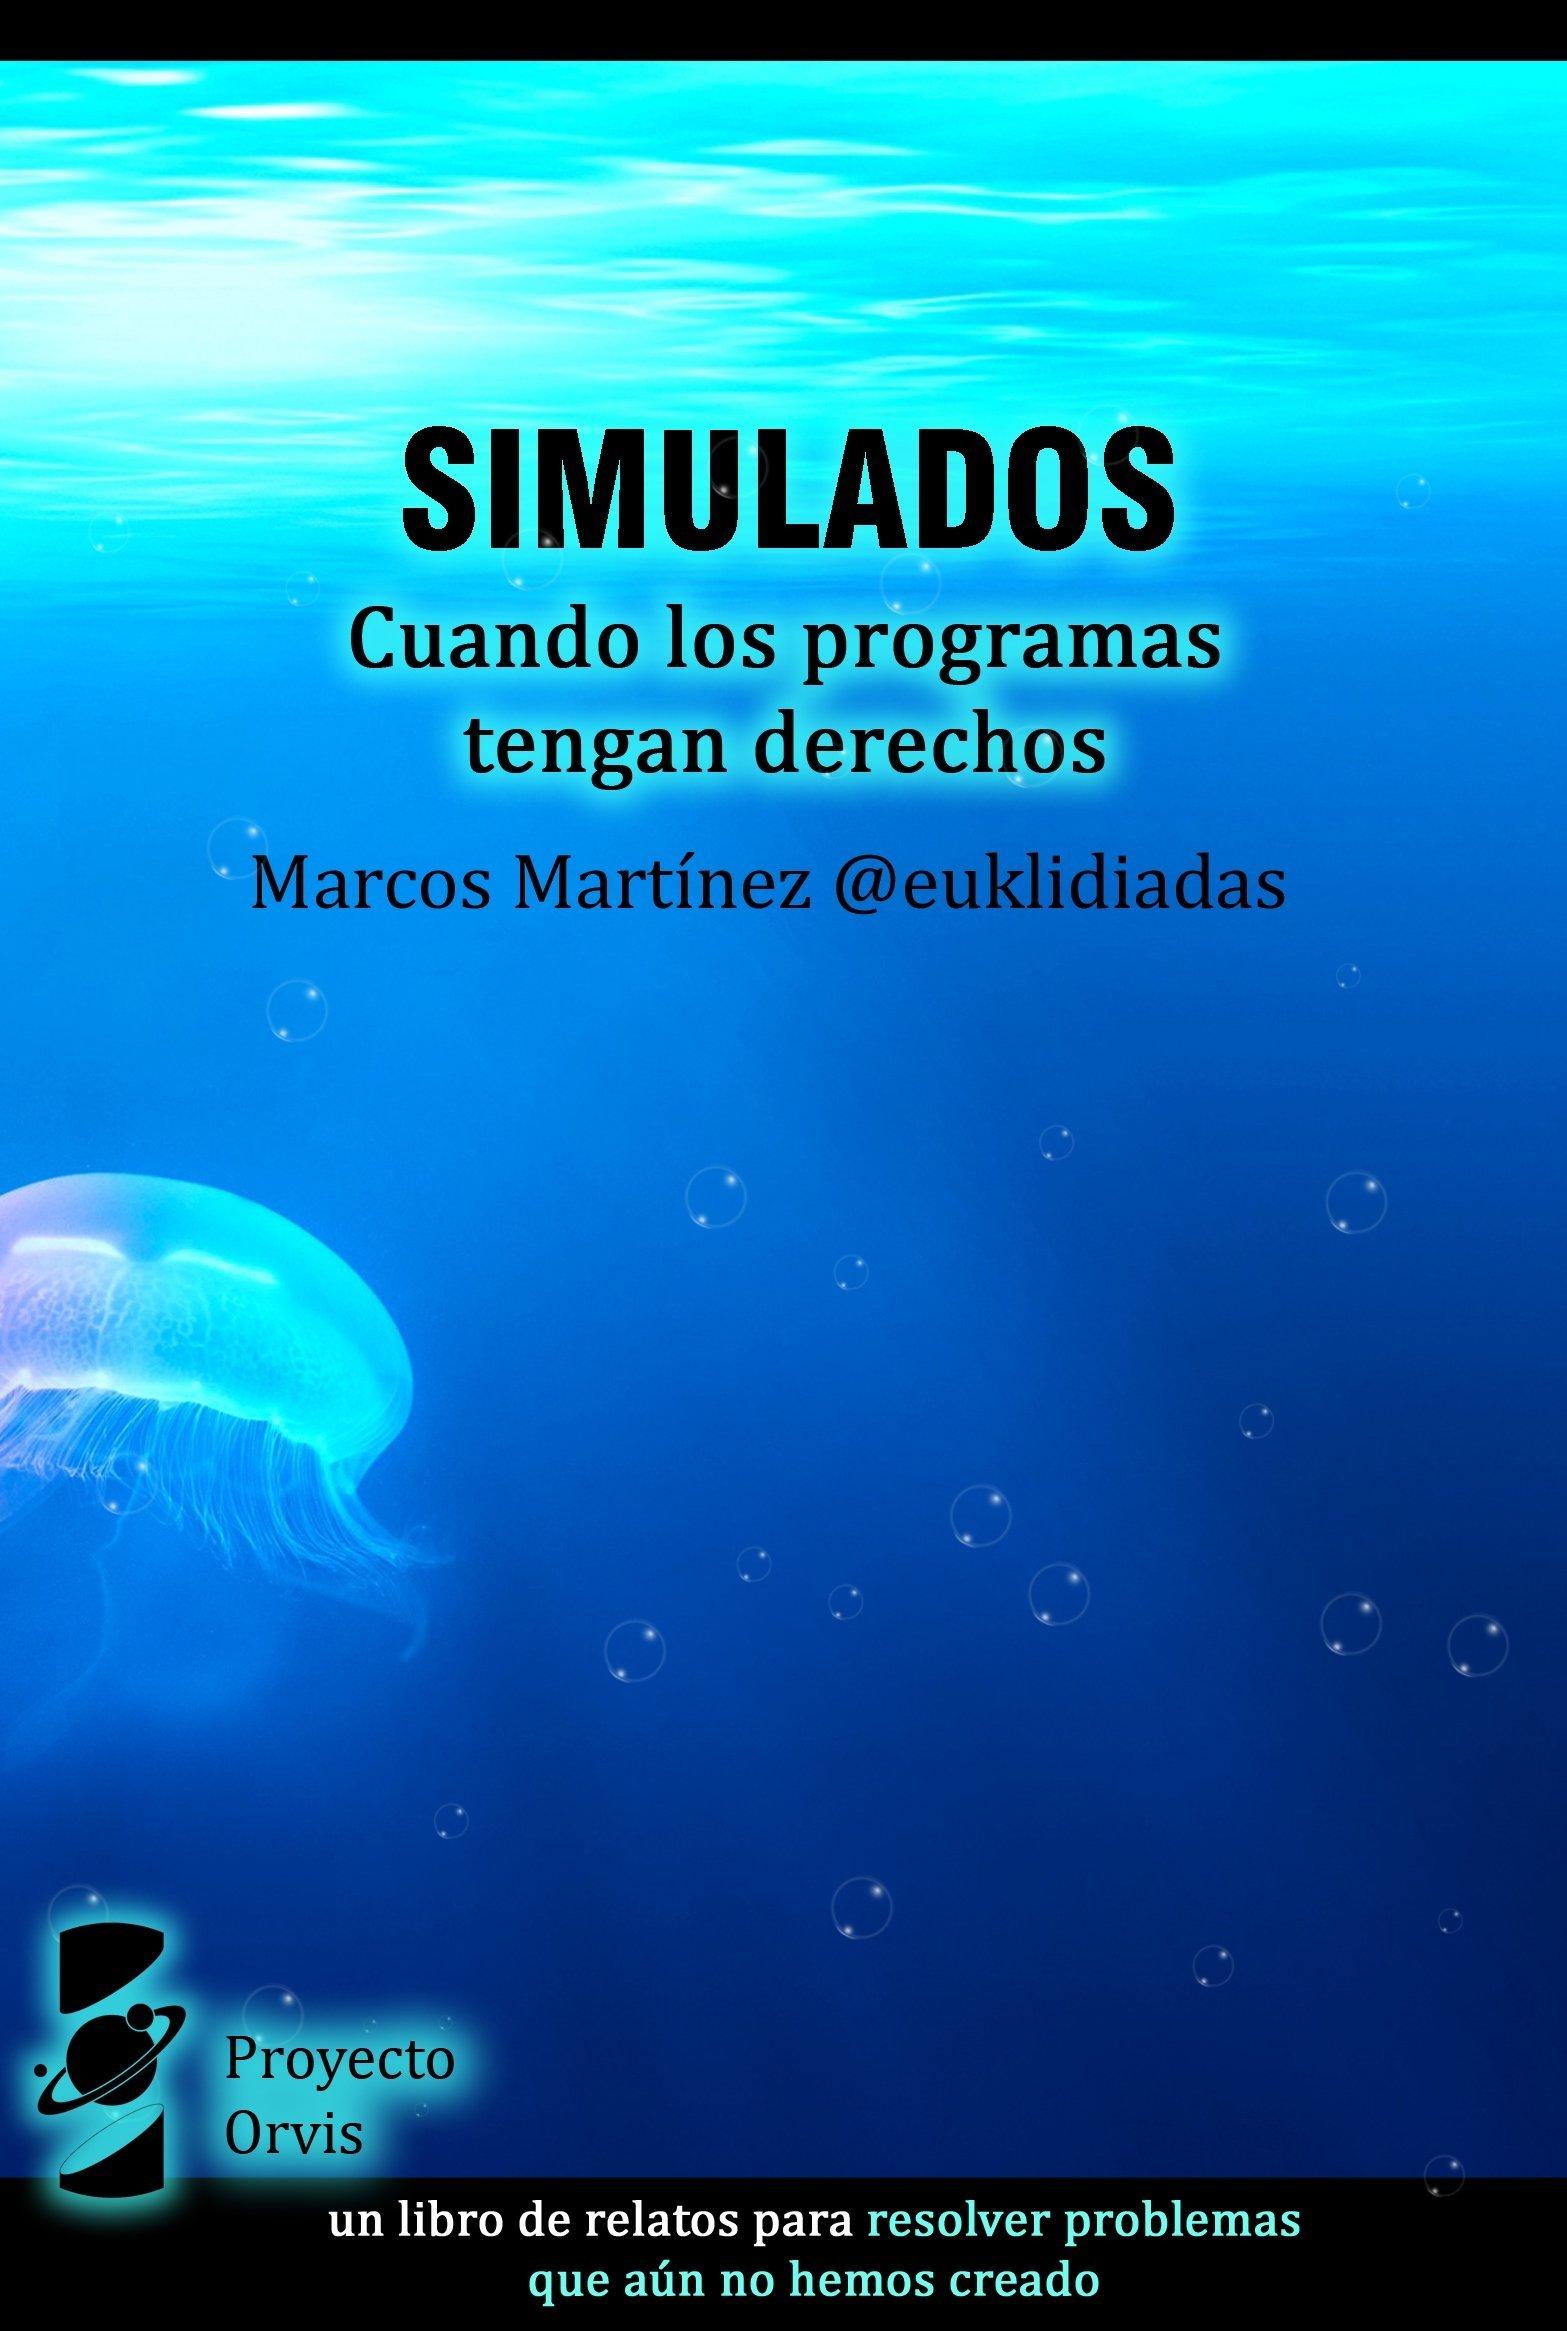 Simulados. Cuando los programas tengan derechos, de Marcos Martínez